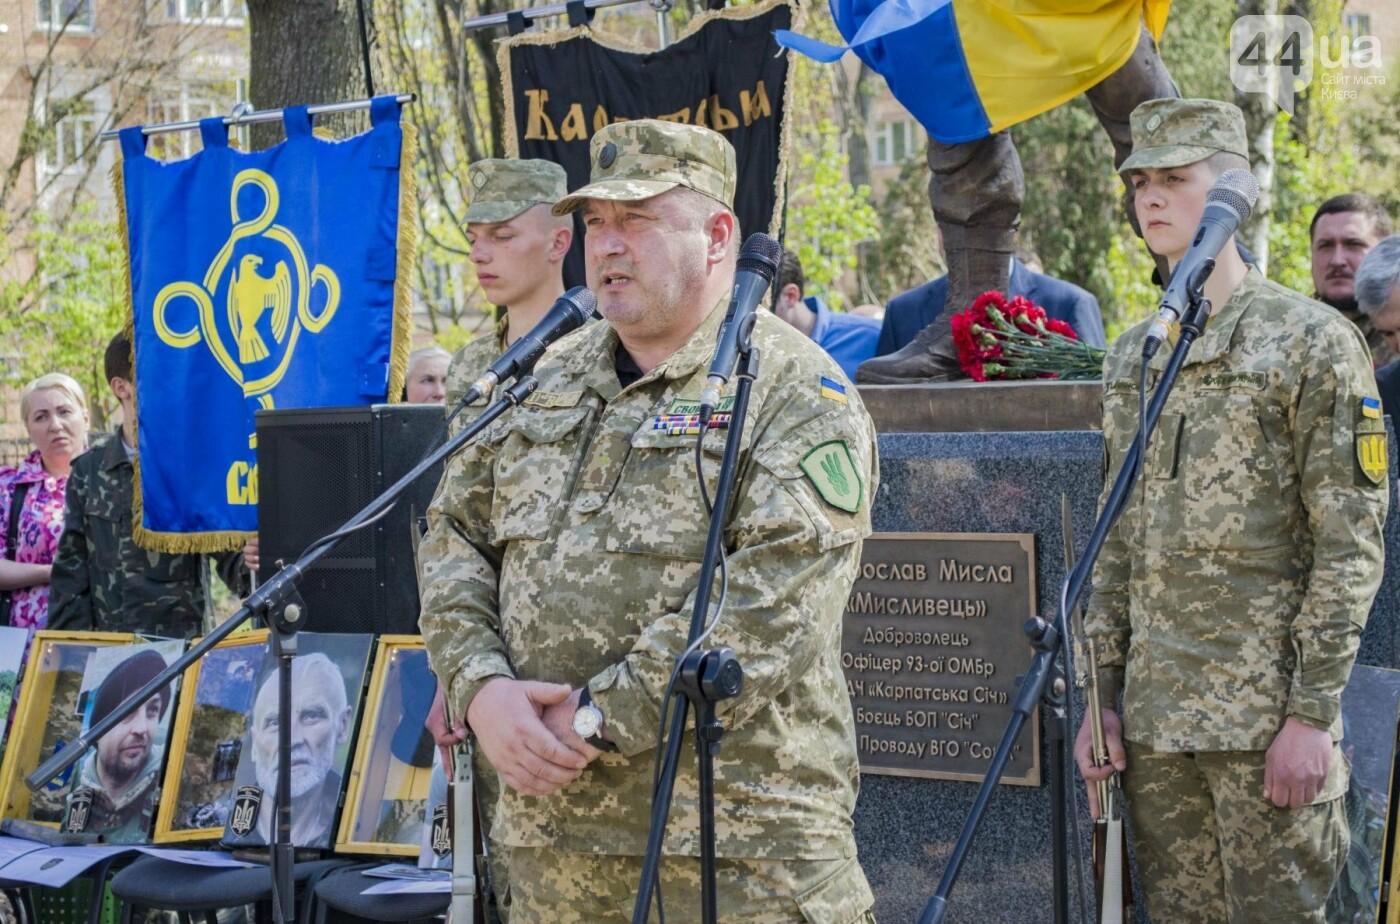 В Киеве открыли памятник погибшему бойцу АТО, фото-7